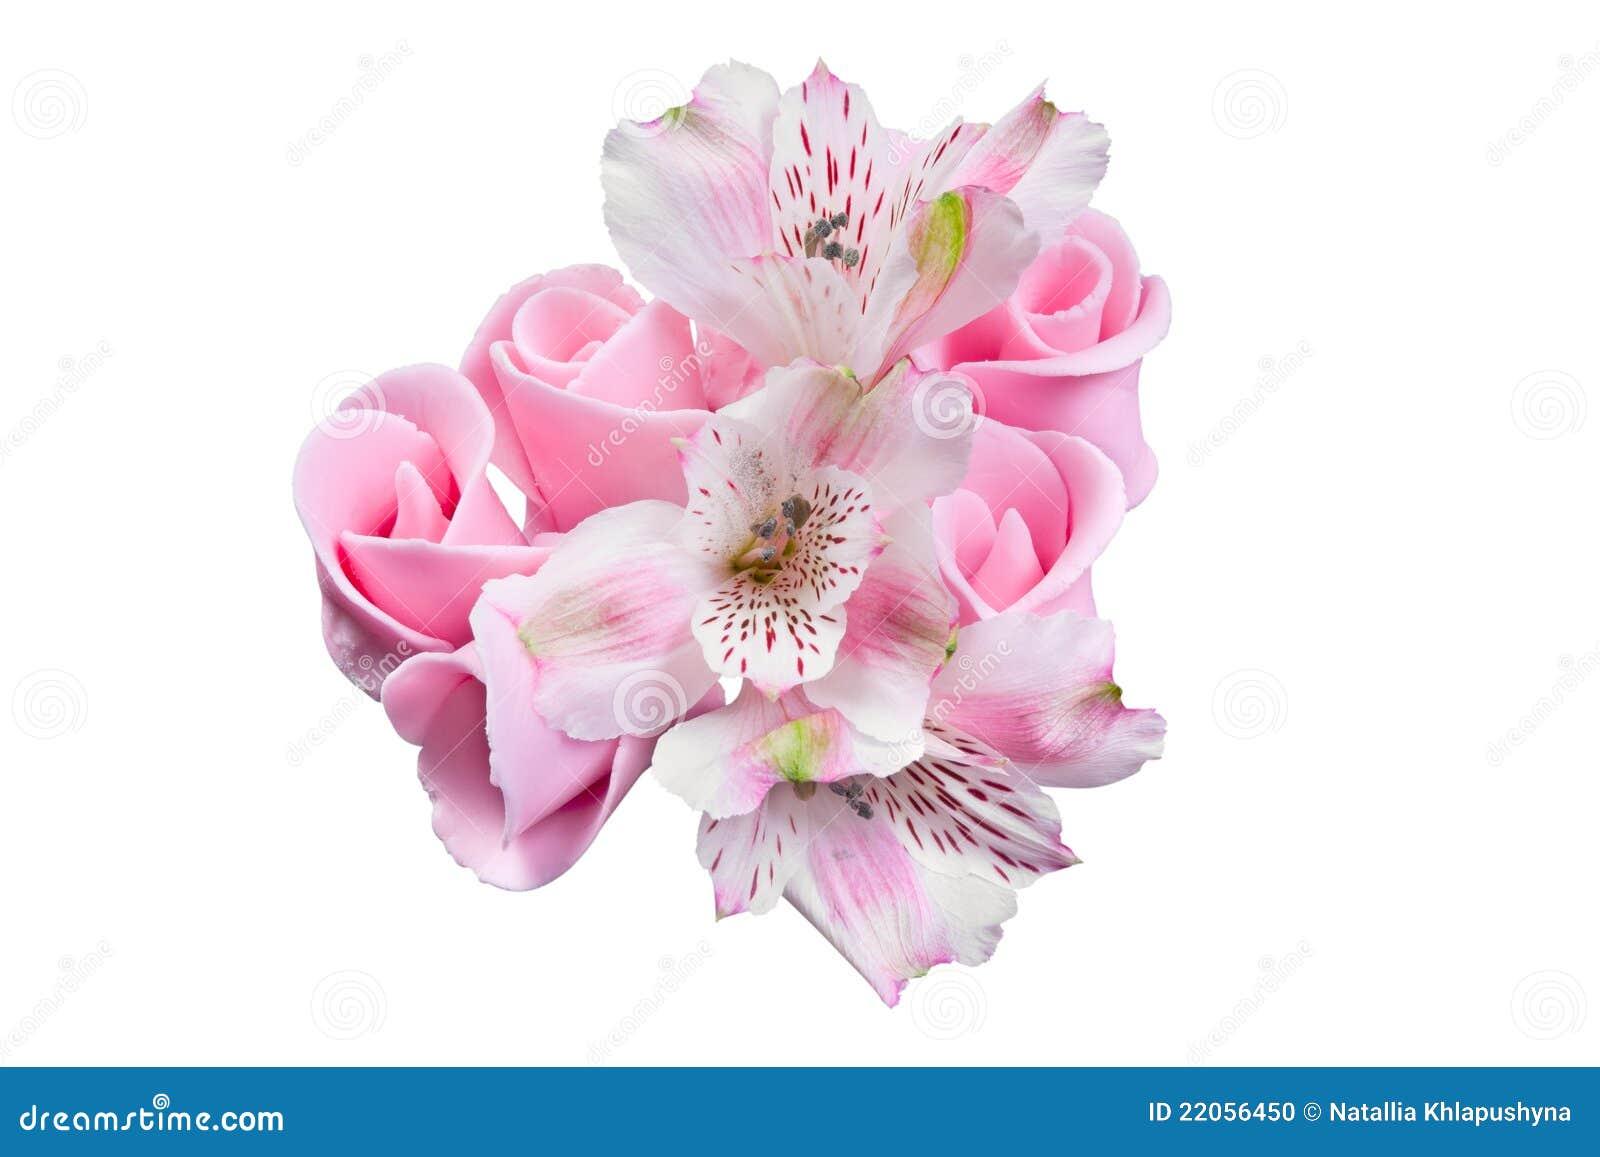 Roze bloemen geglaceerde decoratie voor cake stock foto for Bloemen decoratie